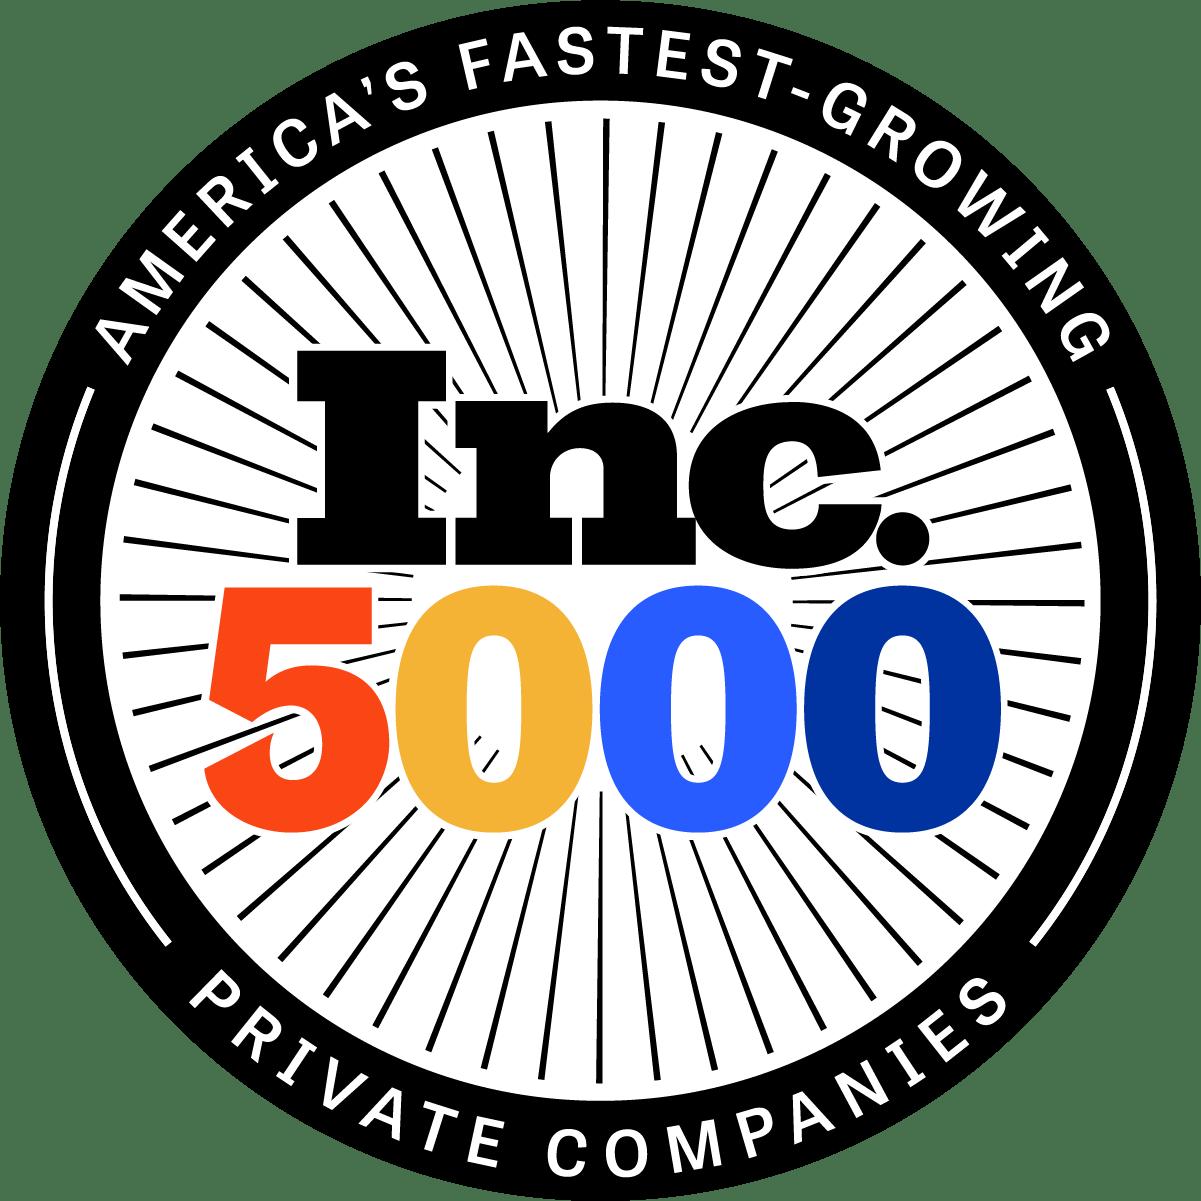 Inc 5000 7x ASD